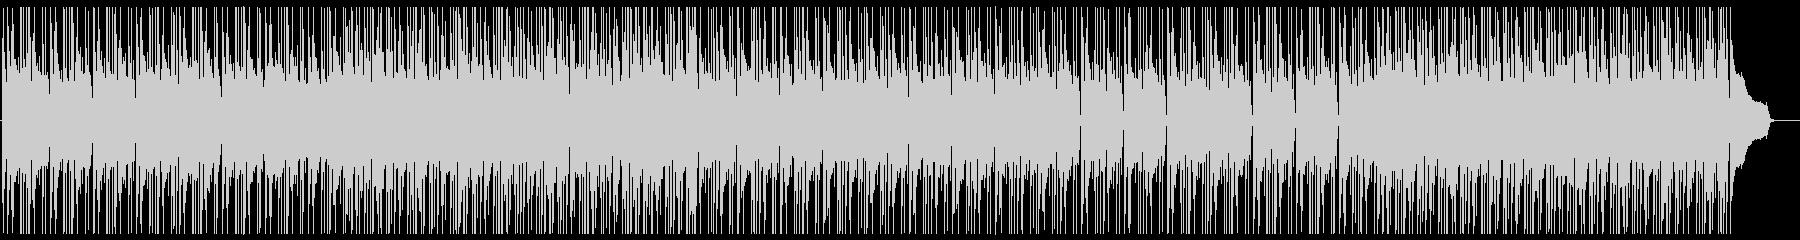 爽やかでシンプルなピアノポップの未再生の波形